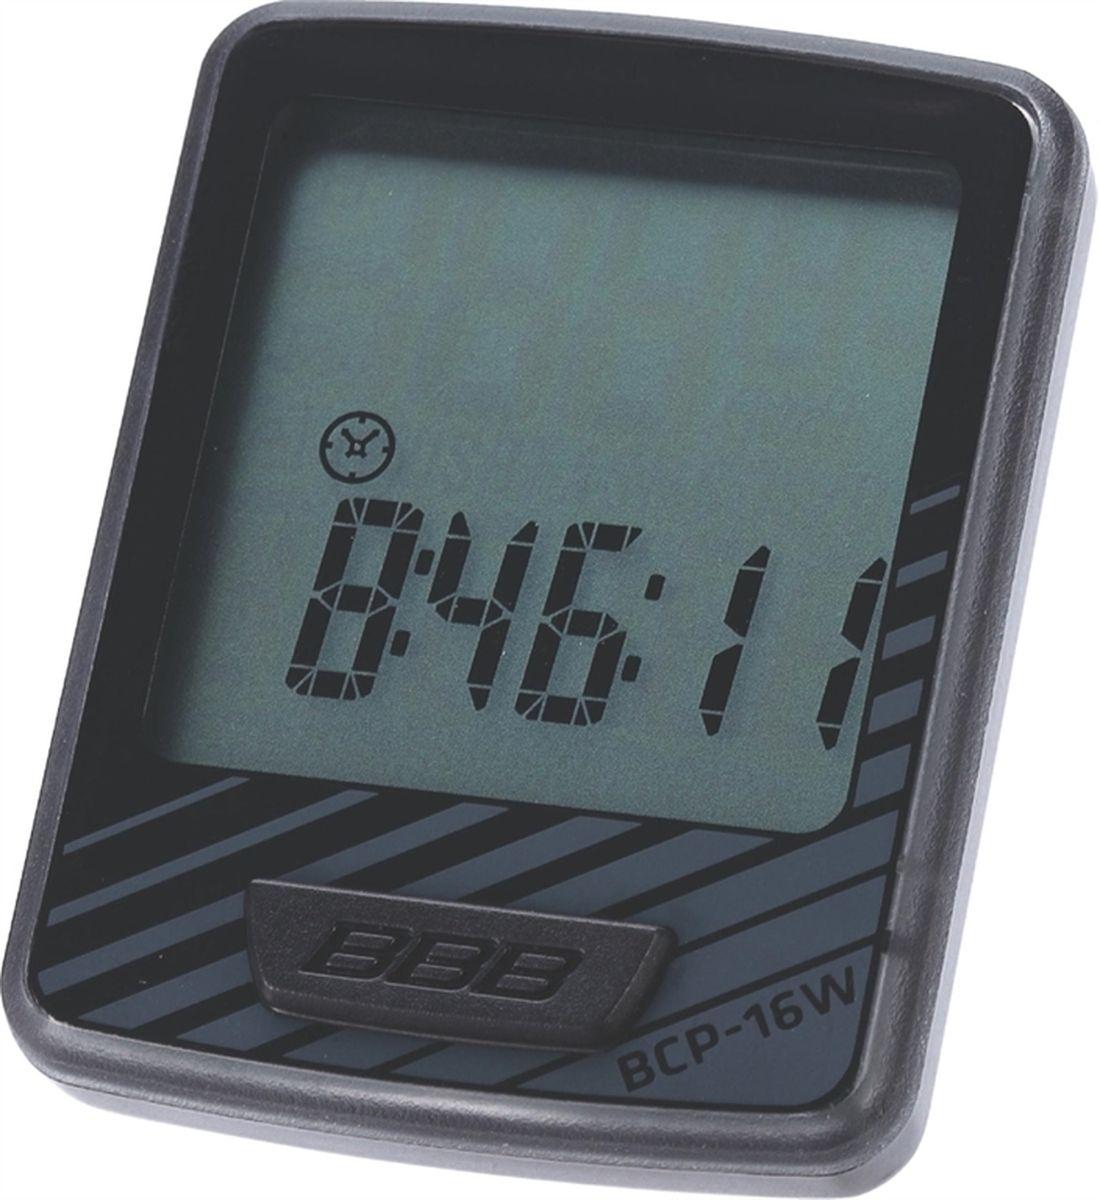 Велокомпьютер BBB DashBoard , цвет: черный, серый, 12 функций95435-924Велокомпьютер BBB DashBoard стал, в своем роде, образцом для подражания. Появившись как простой и небольшой велокомпьютер с большим и легкочитаемым экраном, он эволюционировал в любимый прибор велосипедистов, которым нужна простая в использовании вещь без тысячи лишних функций. Общий размер велокомпьютера имеет небольшой размер за счет верхней части корпуса. Размер экрана 32 х 32 мм, позволяющие легко считывать информацию. Управление одной кнопкой.Функции:Текущая скоростьРасстояние поездкиОдометрЧасыАвтоматический переход функцийСредняя скоростьМаксимальная скоростьВремя поездкиСуммарное время поездкиИндикатор роста средней скоростиАвто старт/стопИндикатор низкого заряда батареи.Особенности:Легко читаемый полноразмерный дисплей.Удобное управление с помощью одной кнопки.Компьютер может быть установлен на руле и выносе.Водонепроницаемый корпус.Батарейка в комплекте.